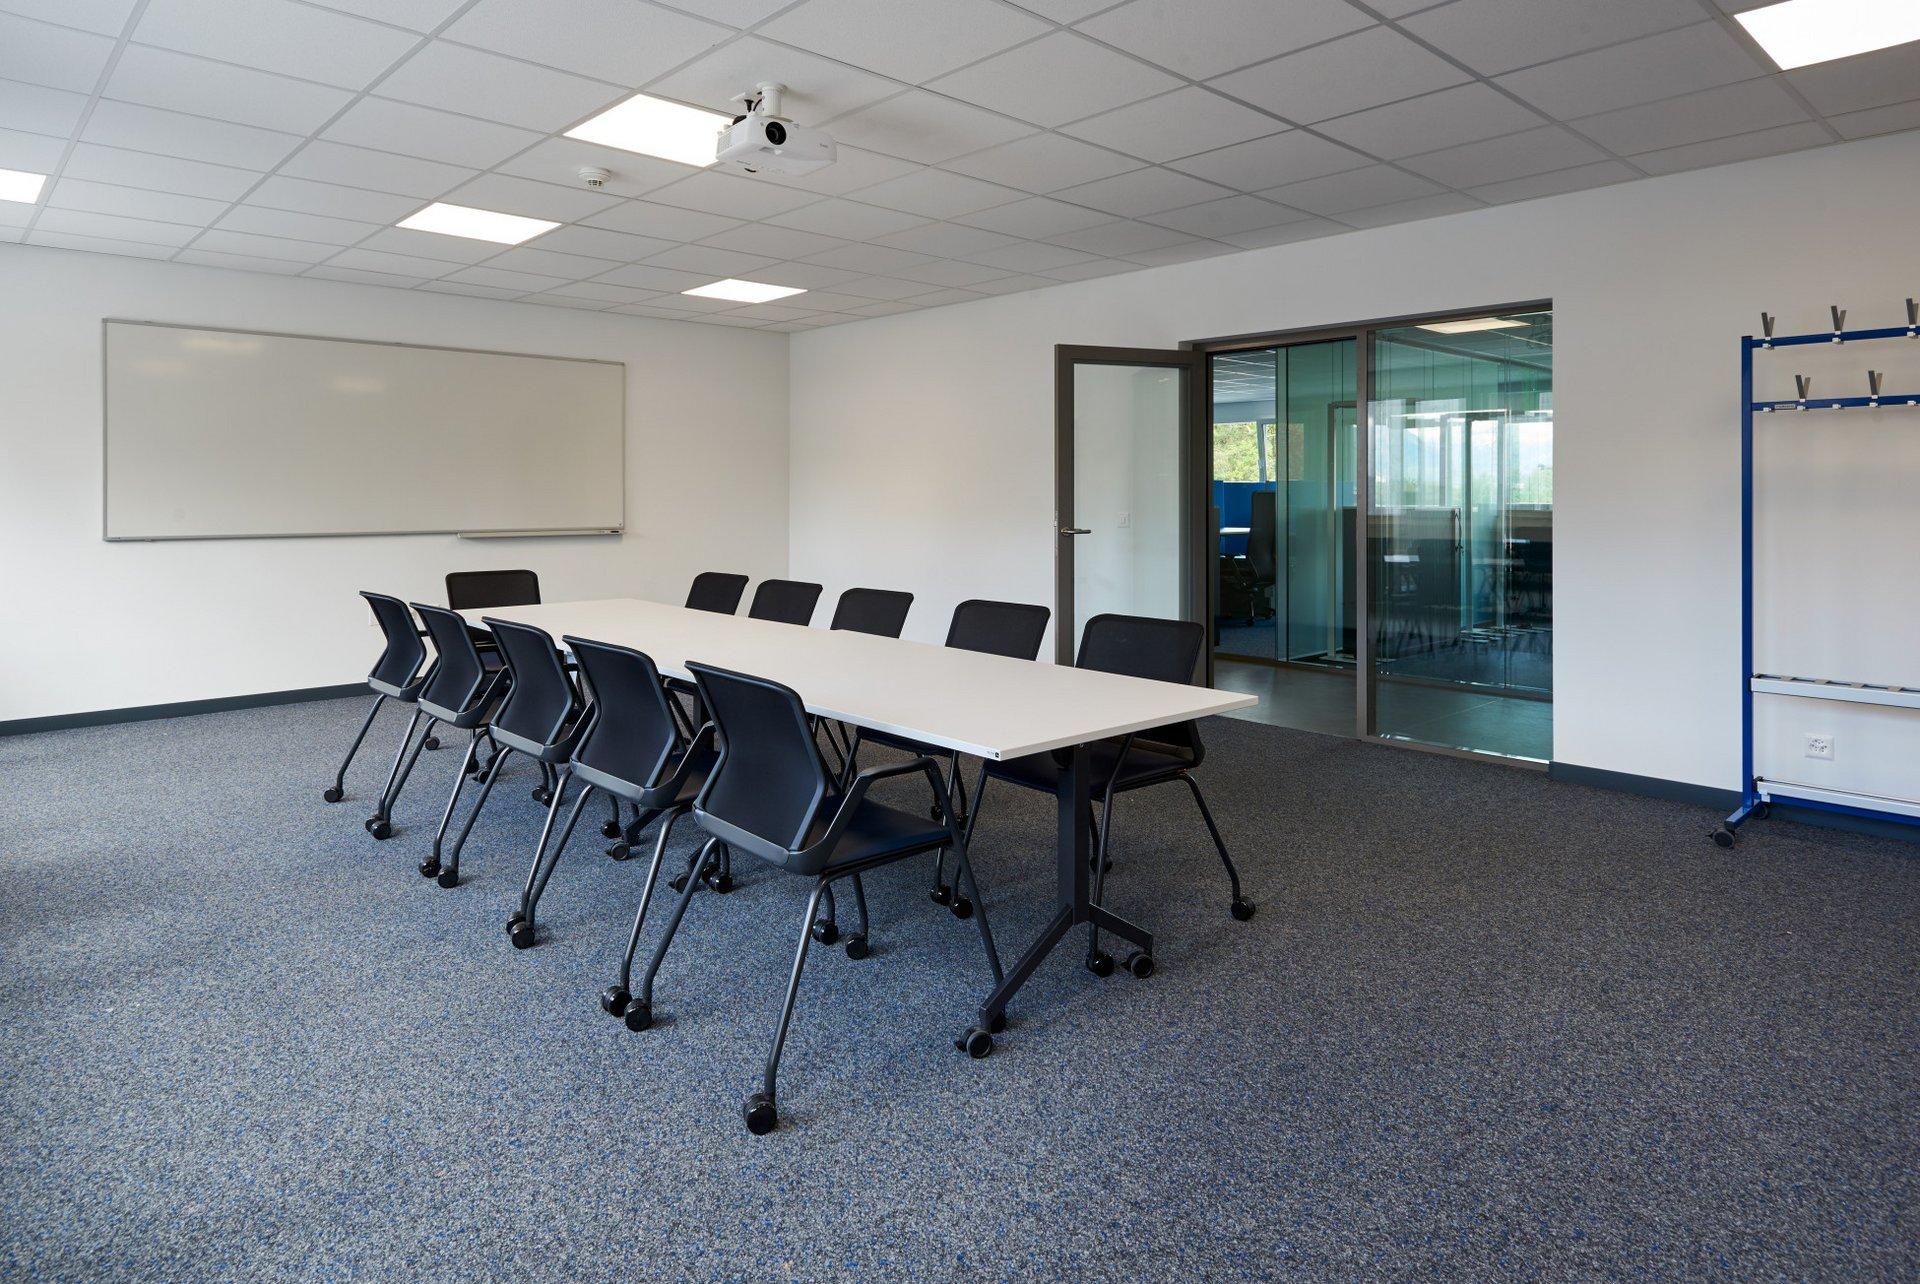 Einblick in ein Sitzungszimmer mit rollbaren Stühlen und Tischen, einem grossen Whiteboard und einem grauen Teppich